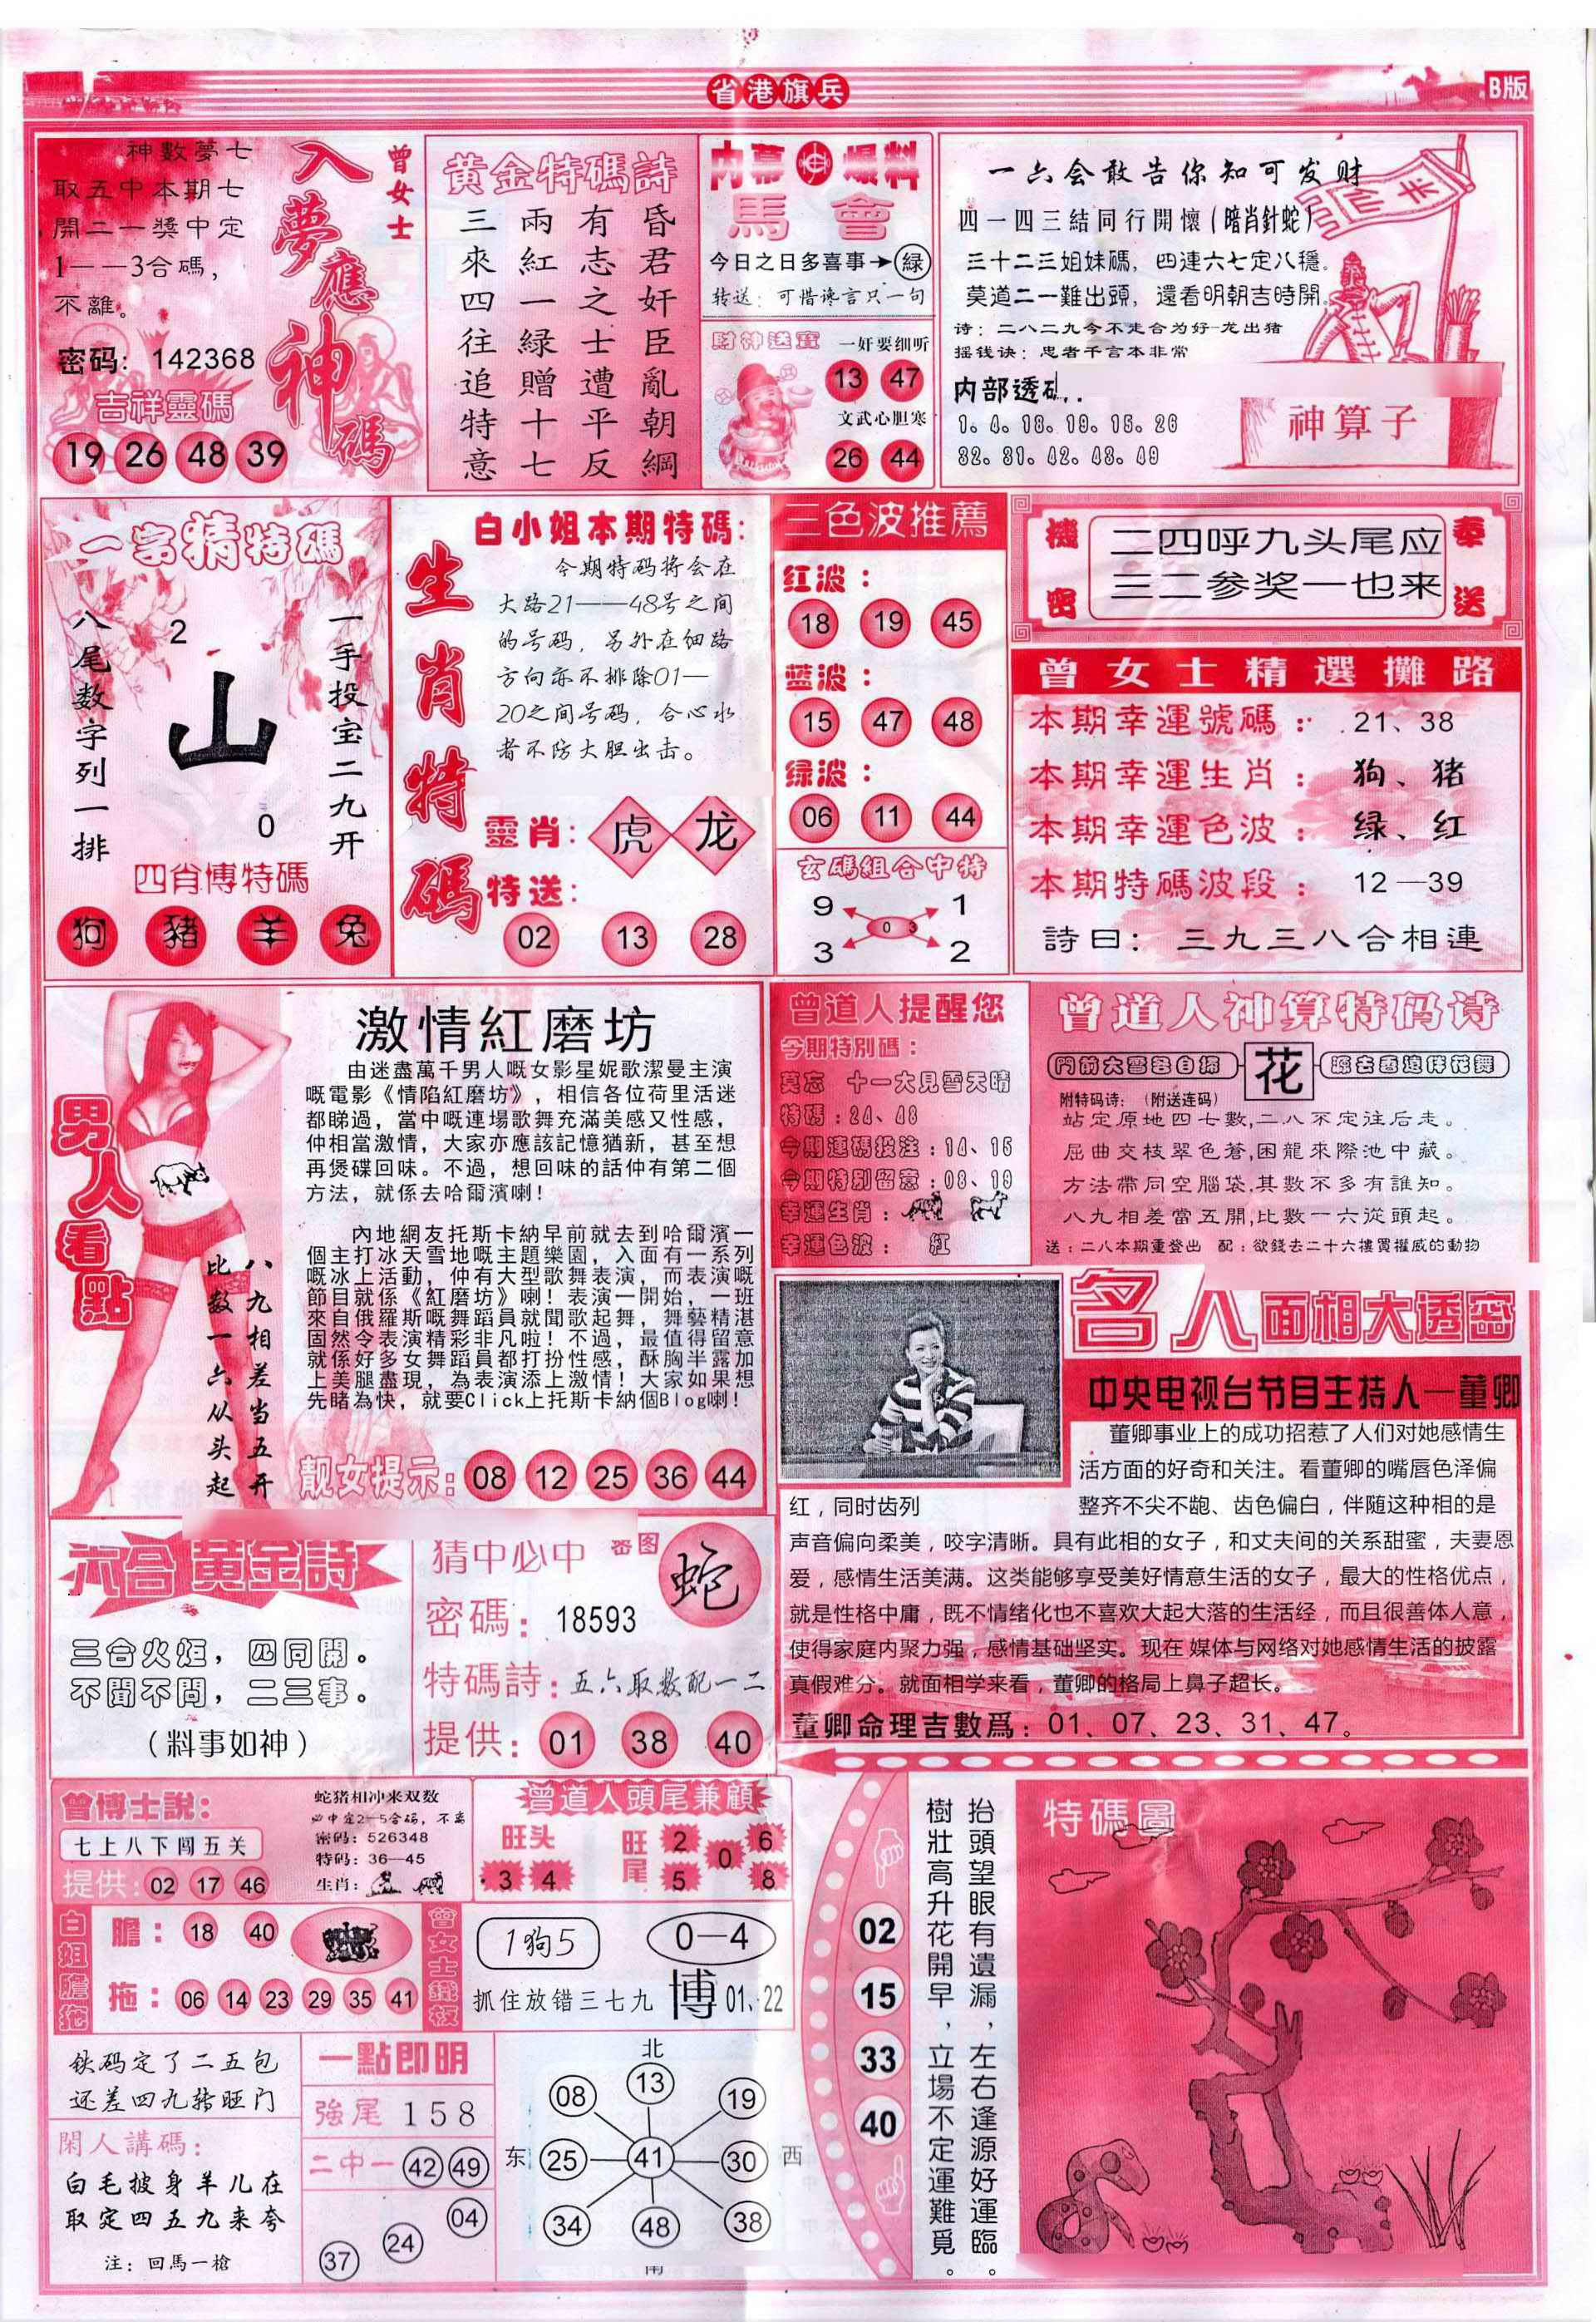 074期彩道B(保证香港版)